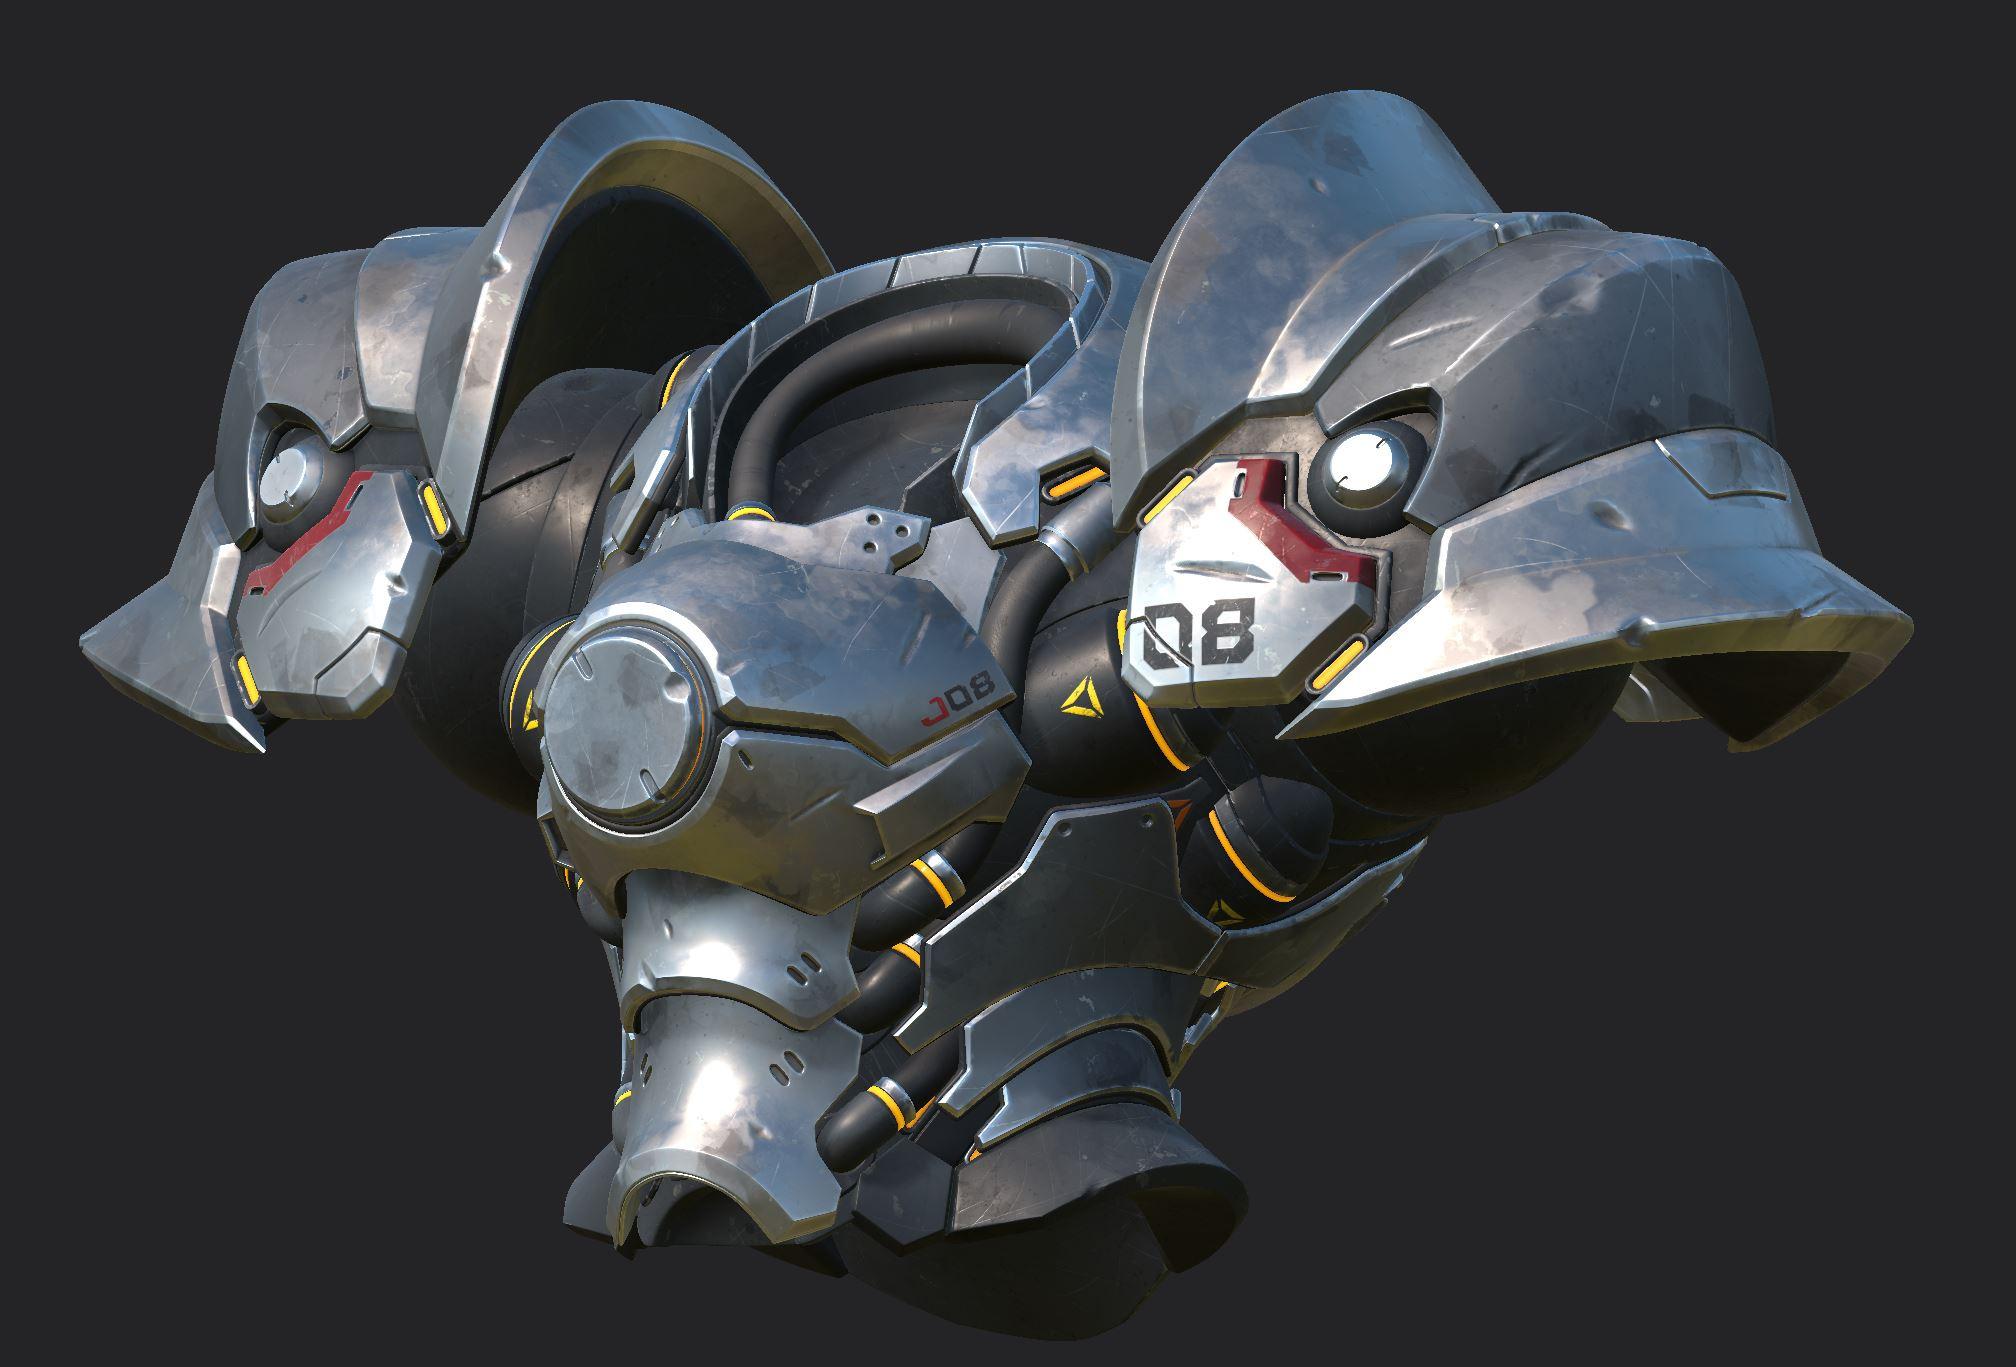 Armor in Substance Painter, 5 UV tiles at 4K each